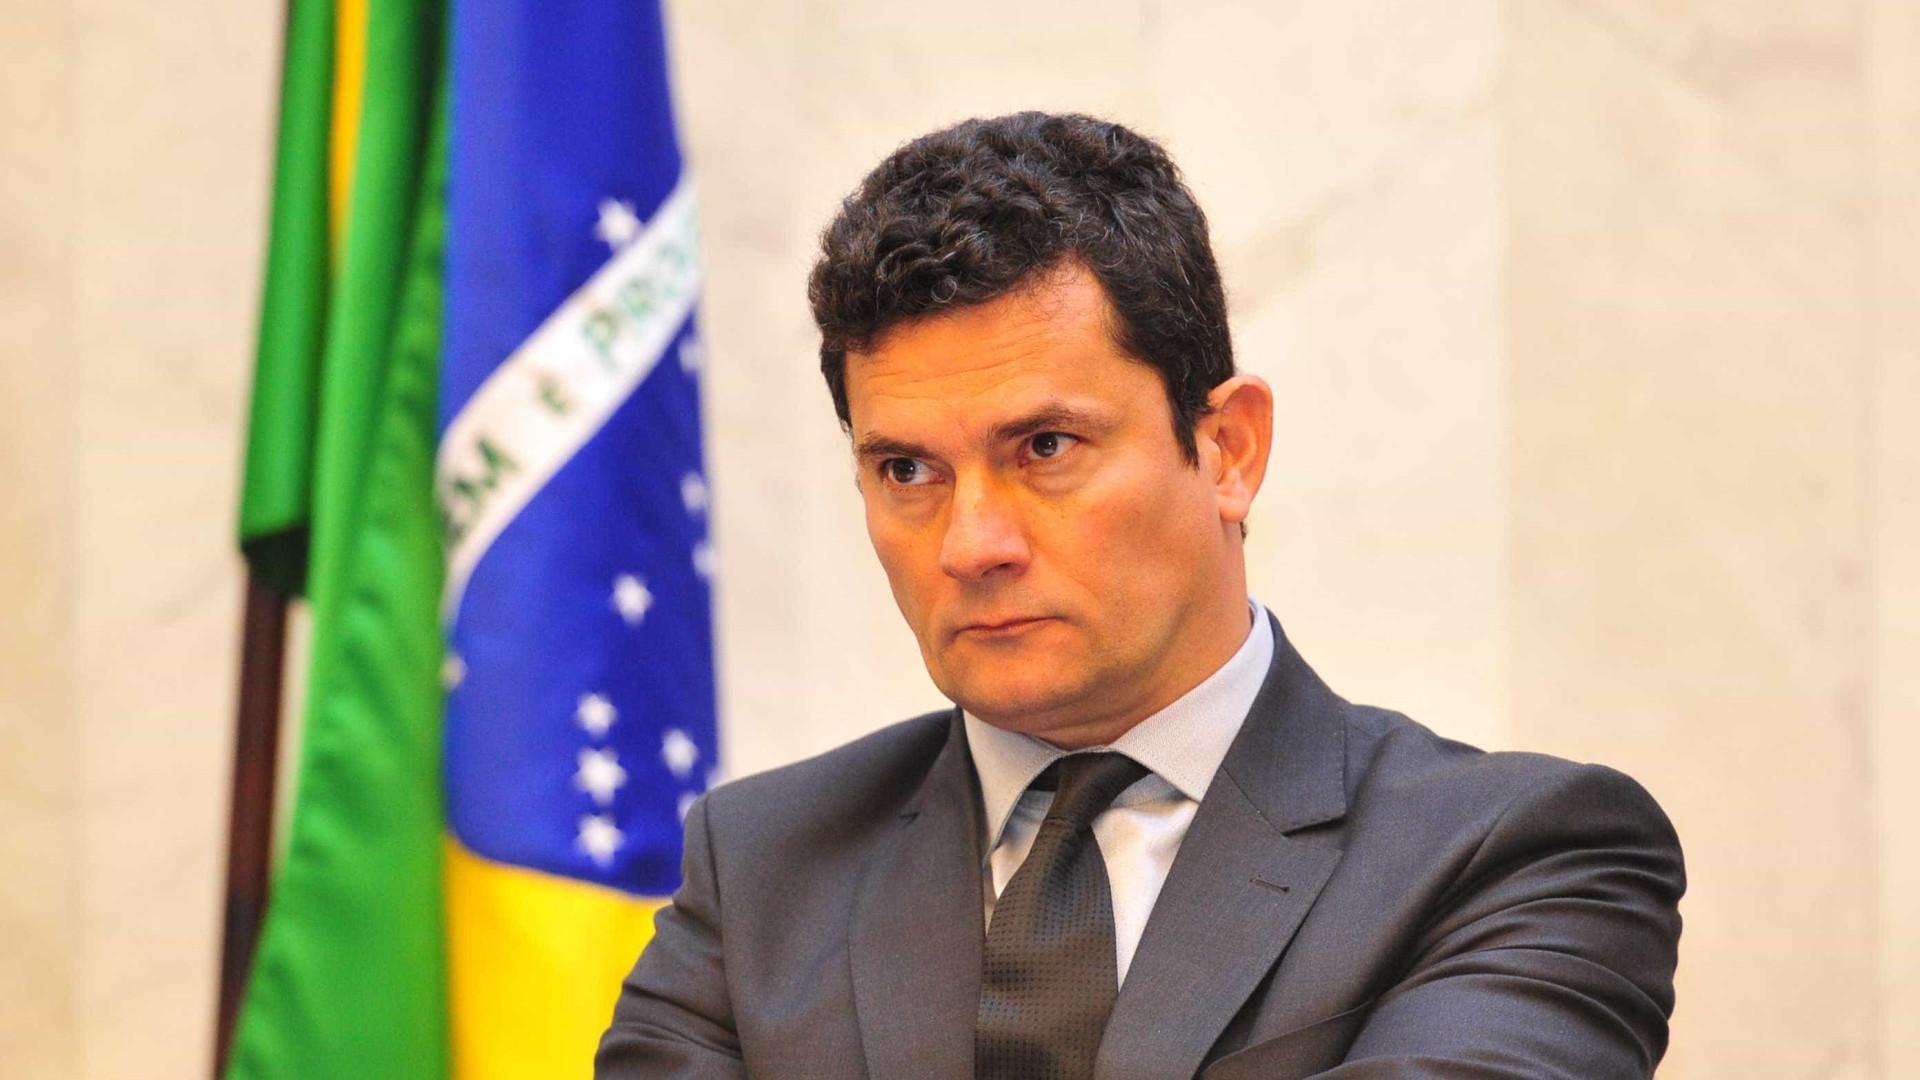 Tribunal nega pedido para afastar Moro de processo envolvendo Lula